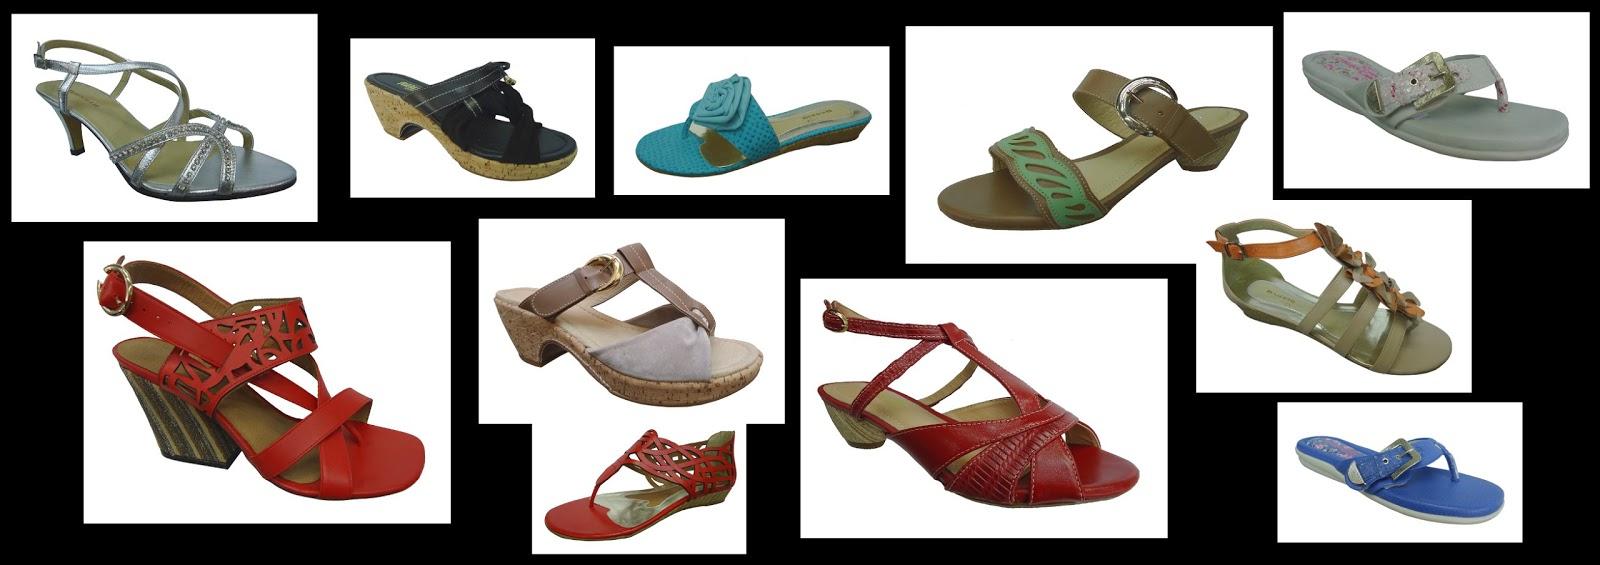 fed4190f9b Modelos de sandálias e tamancos tamanhos grandes!